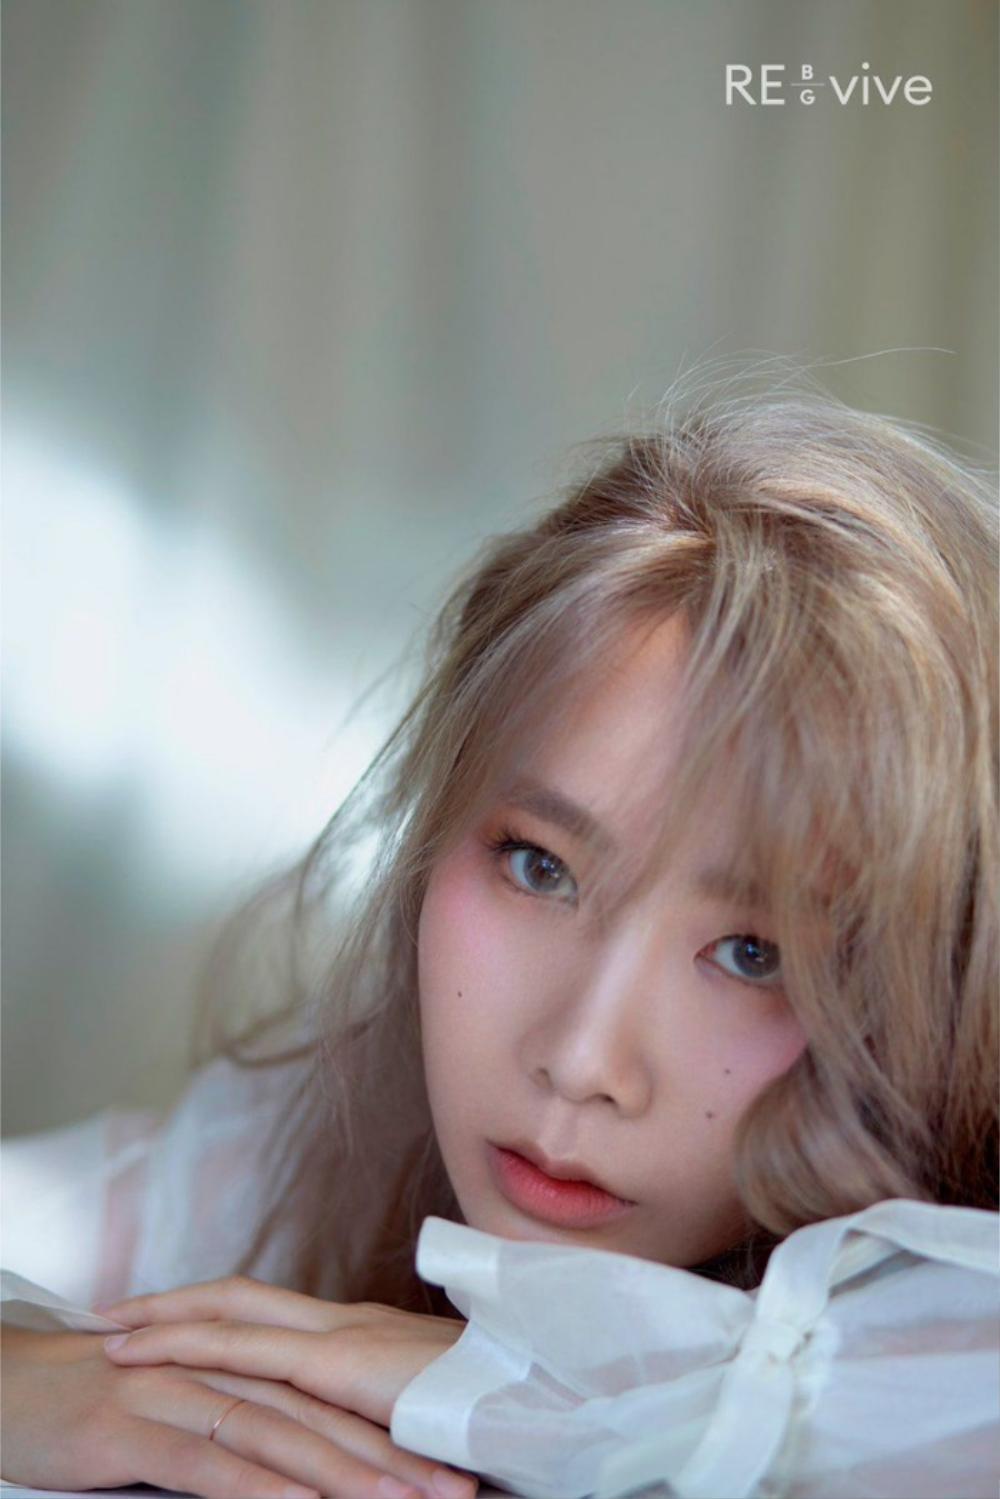 Biên đạo nổi tiếng Hàn Quốc tiết lộ 6 nữ Idol học vũ đạo chậm nhất, trong đó có cả thành viên nhảy chính Ảnh 18